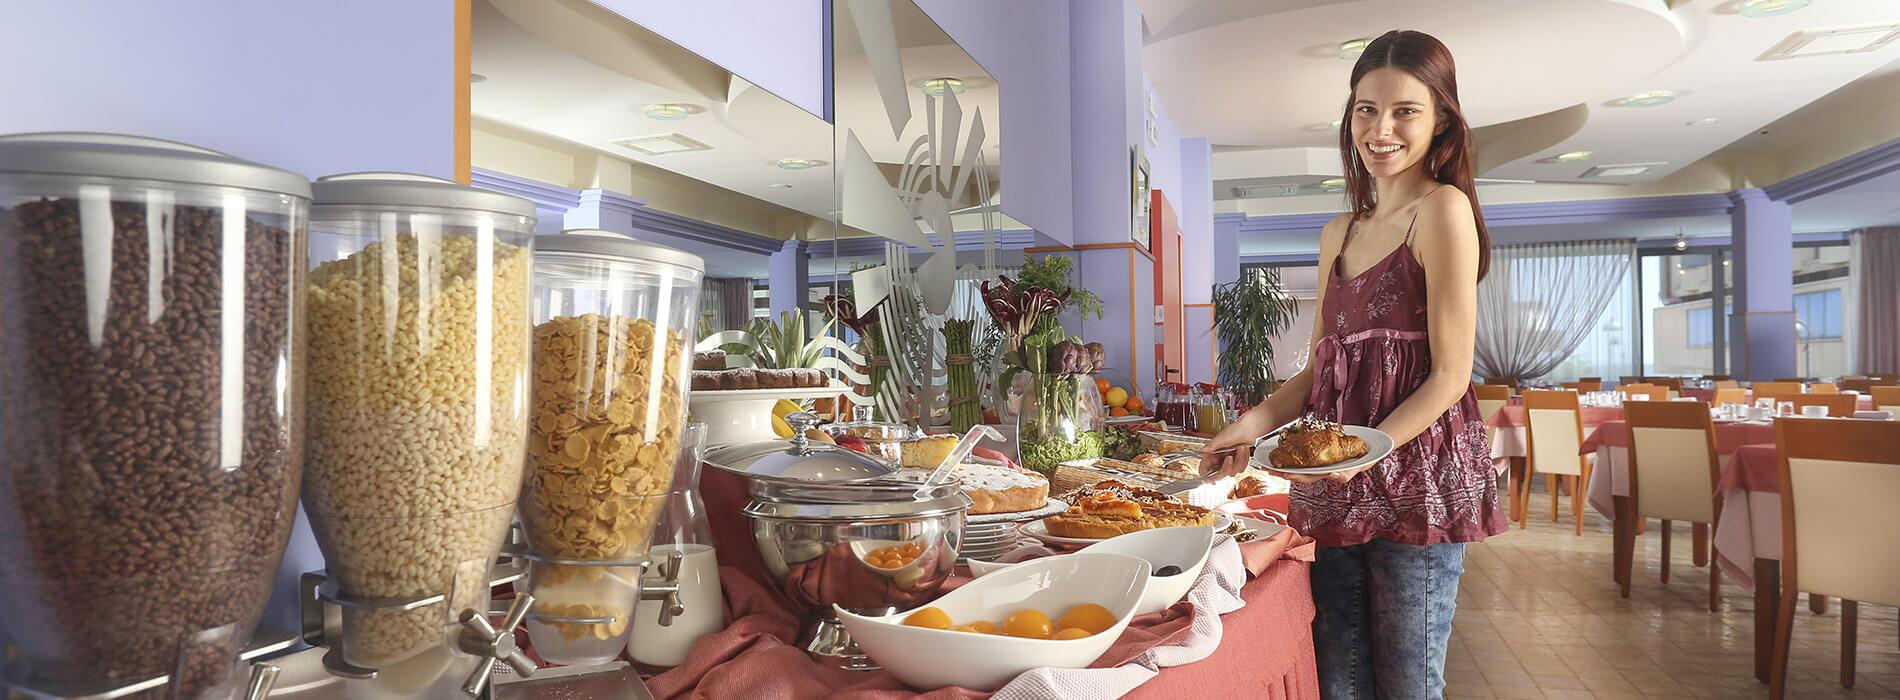 Ristorante Gluten Free a Bellaria Igea Marina